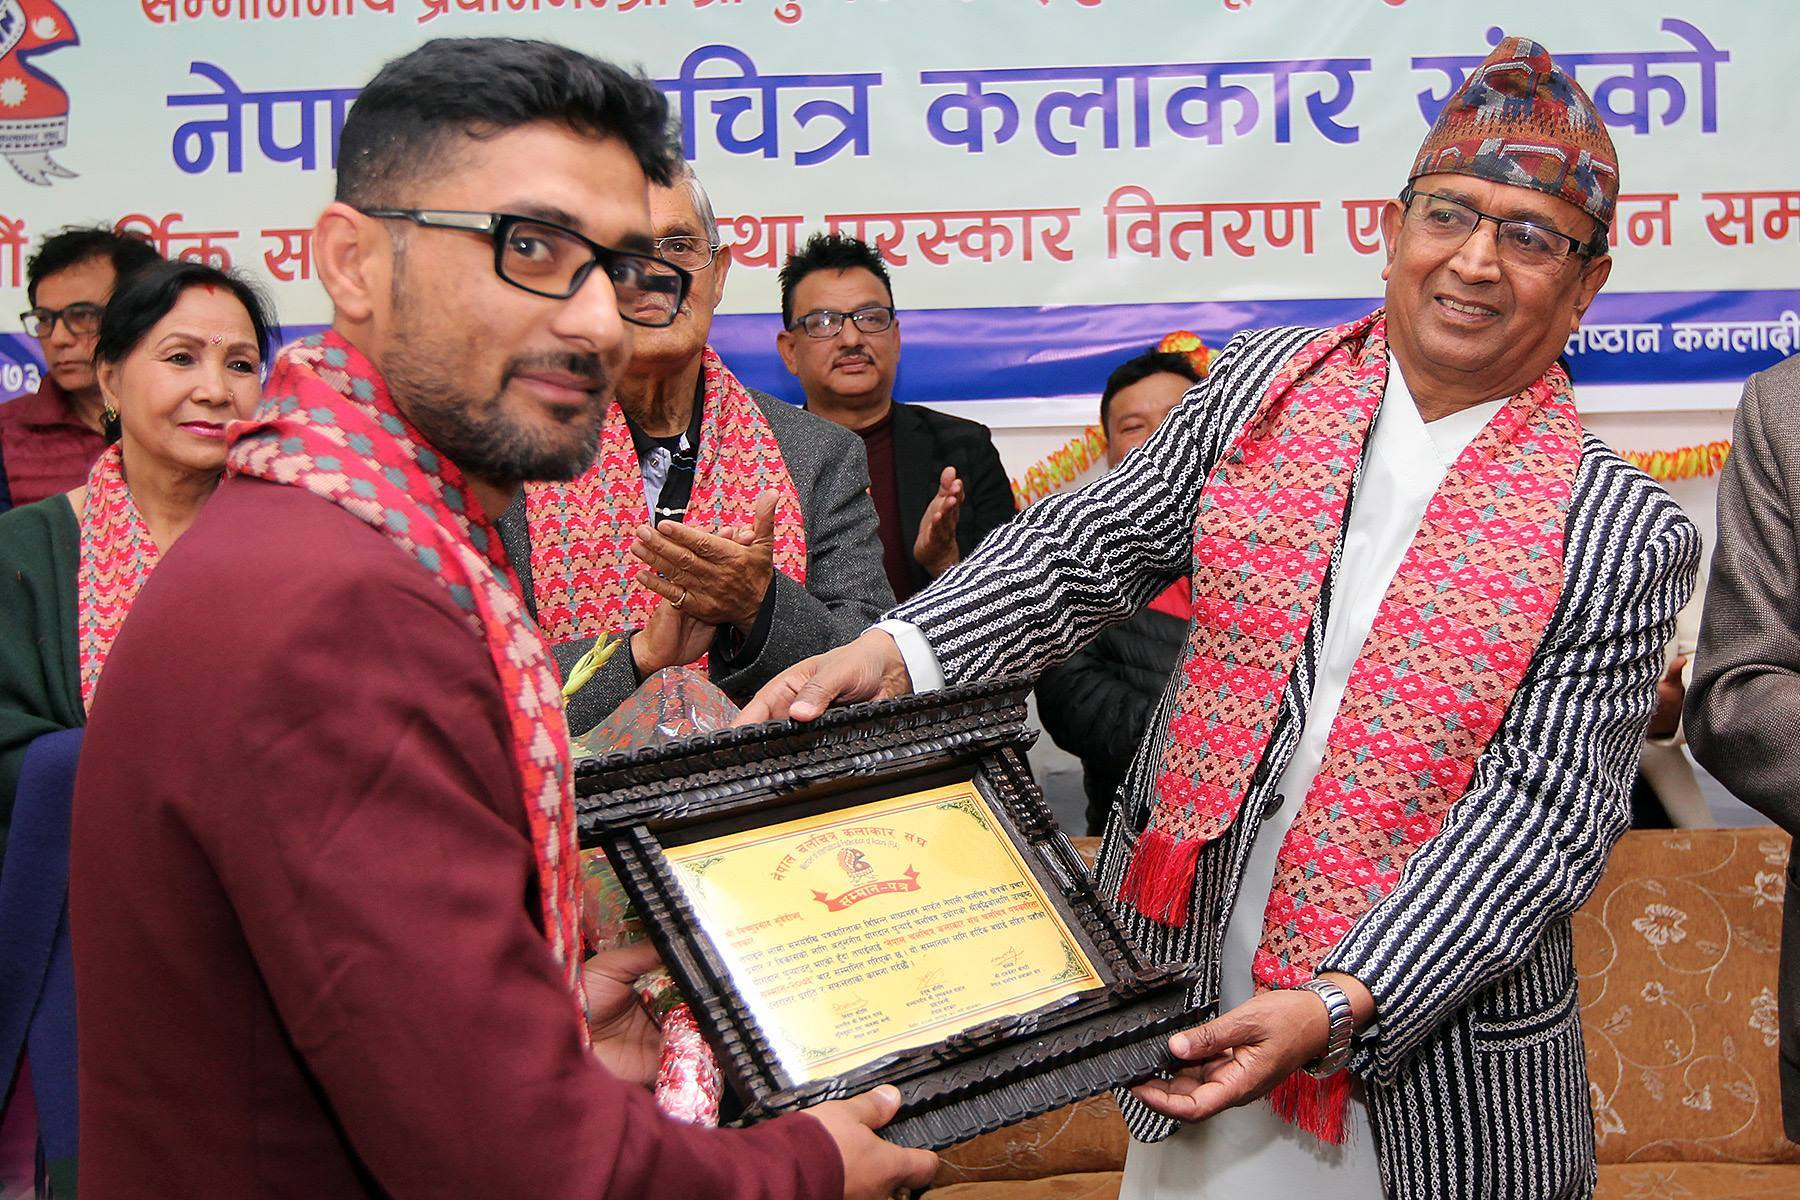 नेपाल चलचित्र कलाकार संघ चलचित्र पत्रकारिता सम्मान २०७३ ग्रहण गर्दै । सम्मान अर्पण गर्दै संस्कृति, पर्यटन तथा नागरिक उड्डयन मन्त्री दिलनाथ गिरी